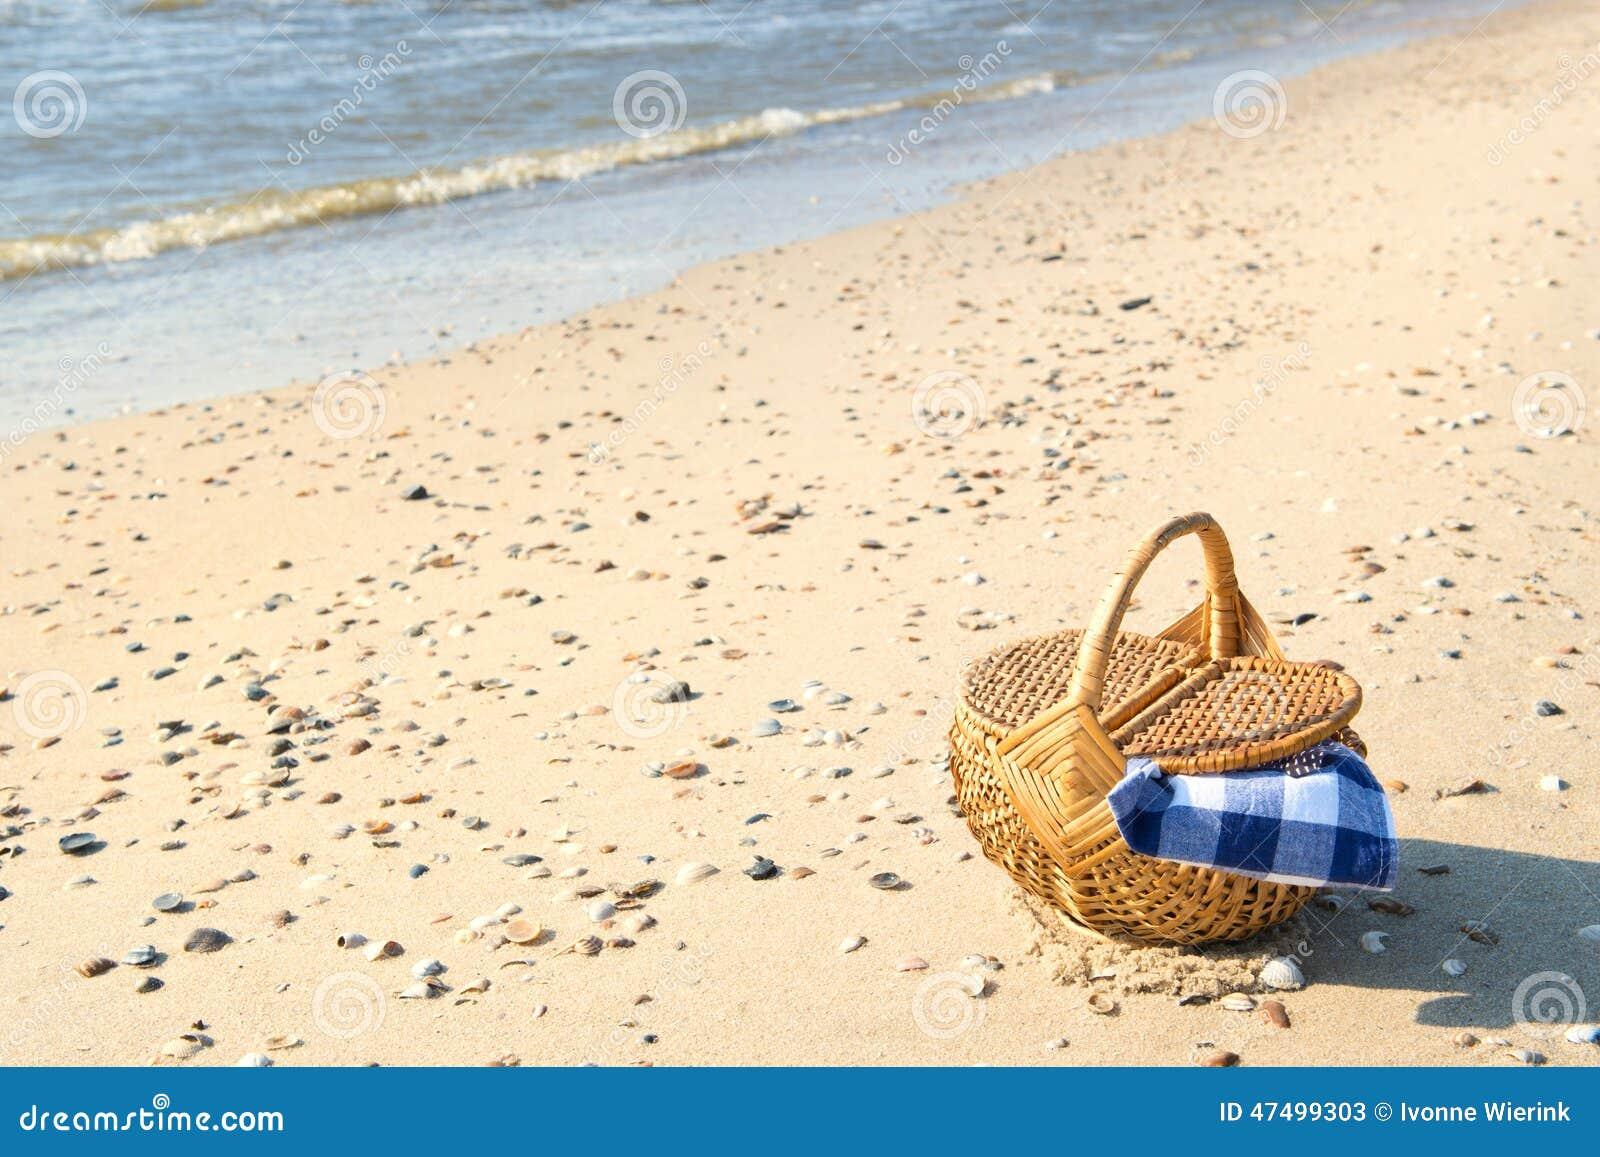 panier de pique nique la plage photo stock image 47499303. Black Bedroom Furniture Sets. Home Design Ideas